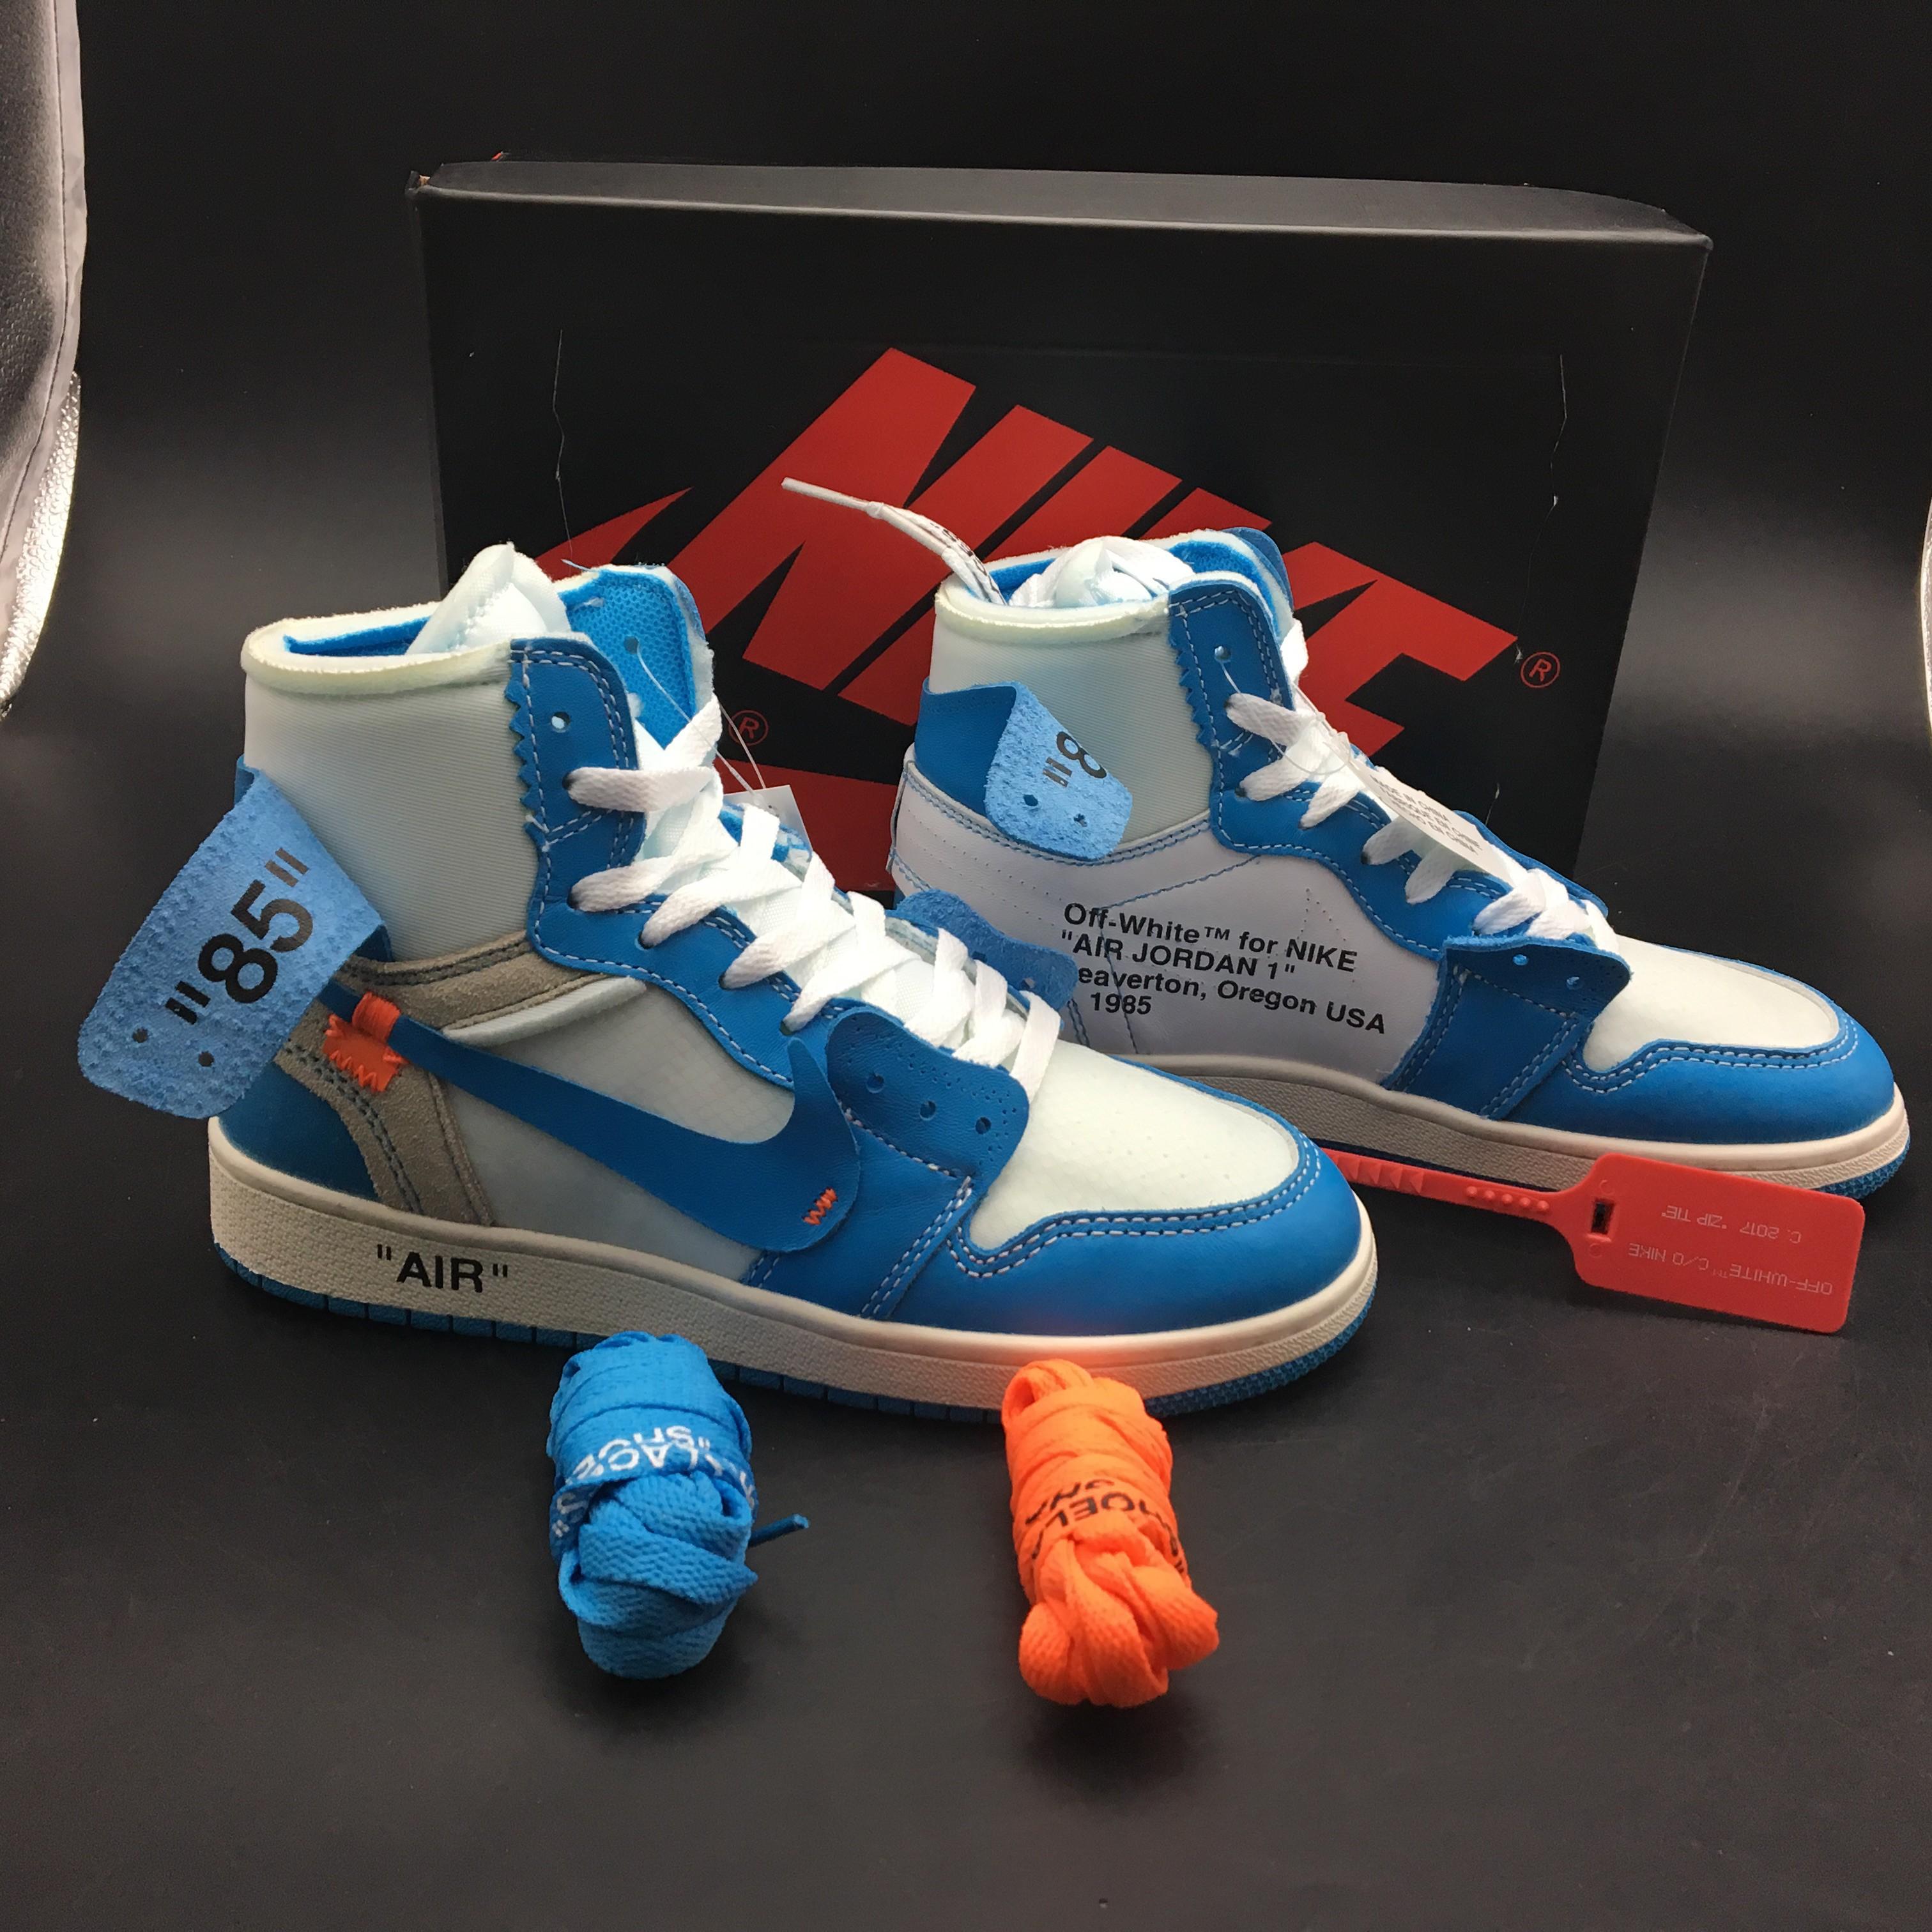 Incorporar Tulipanes dólar estadounidense  Off White X Air Jordan 1 Powder Blue,Nike Air Jordan 1 Off White Powder Blue,AQ0818-148  Jordan OFF-WHITE x Air Jordan 1 Deadsto